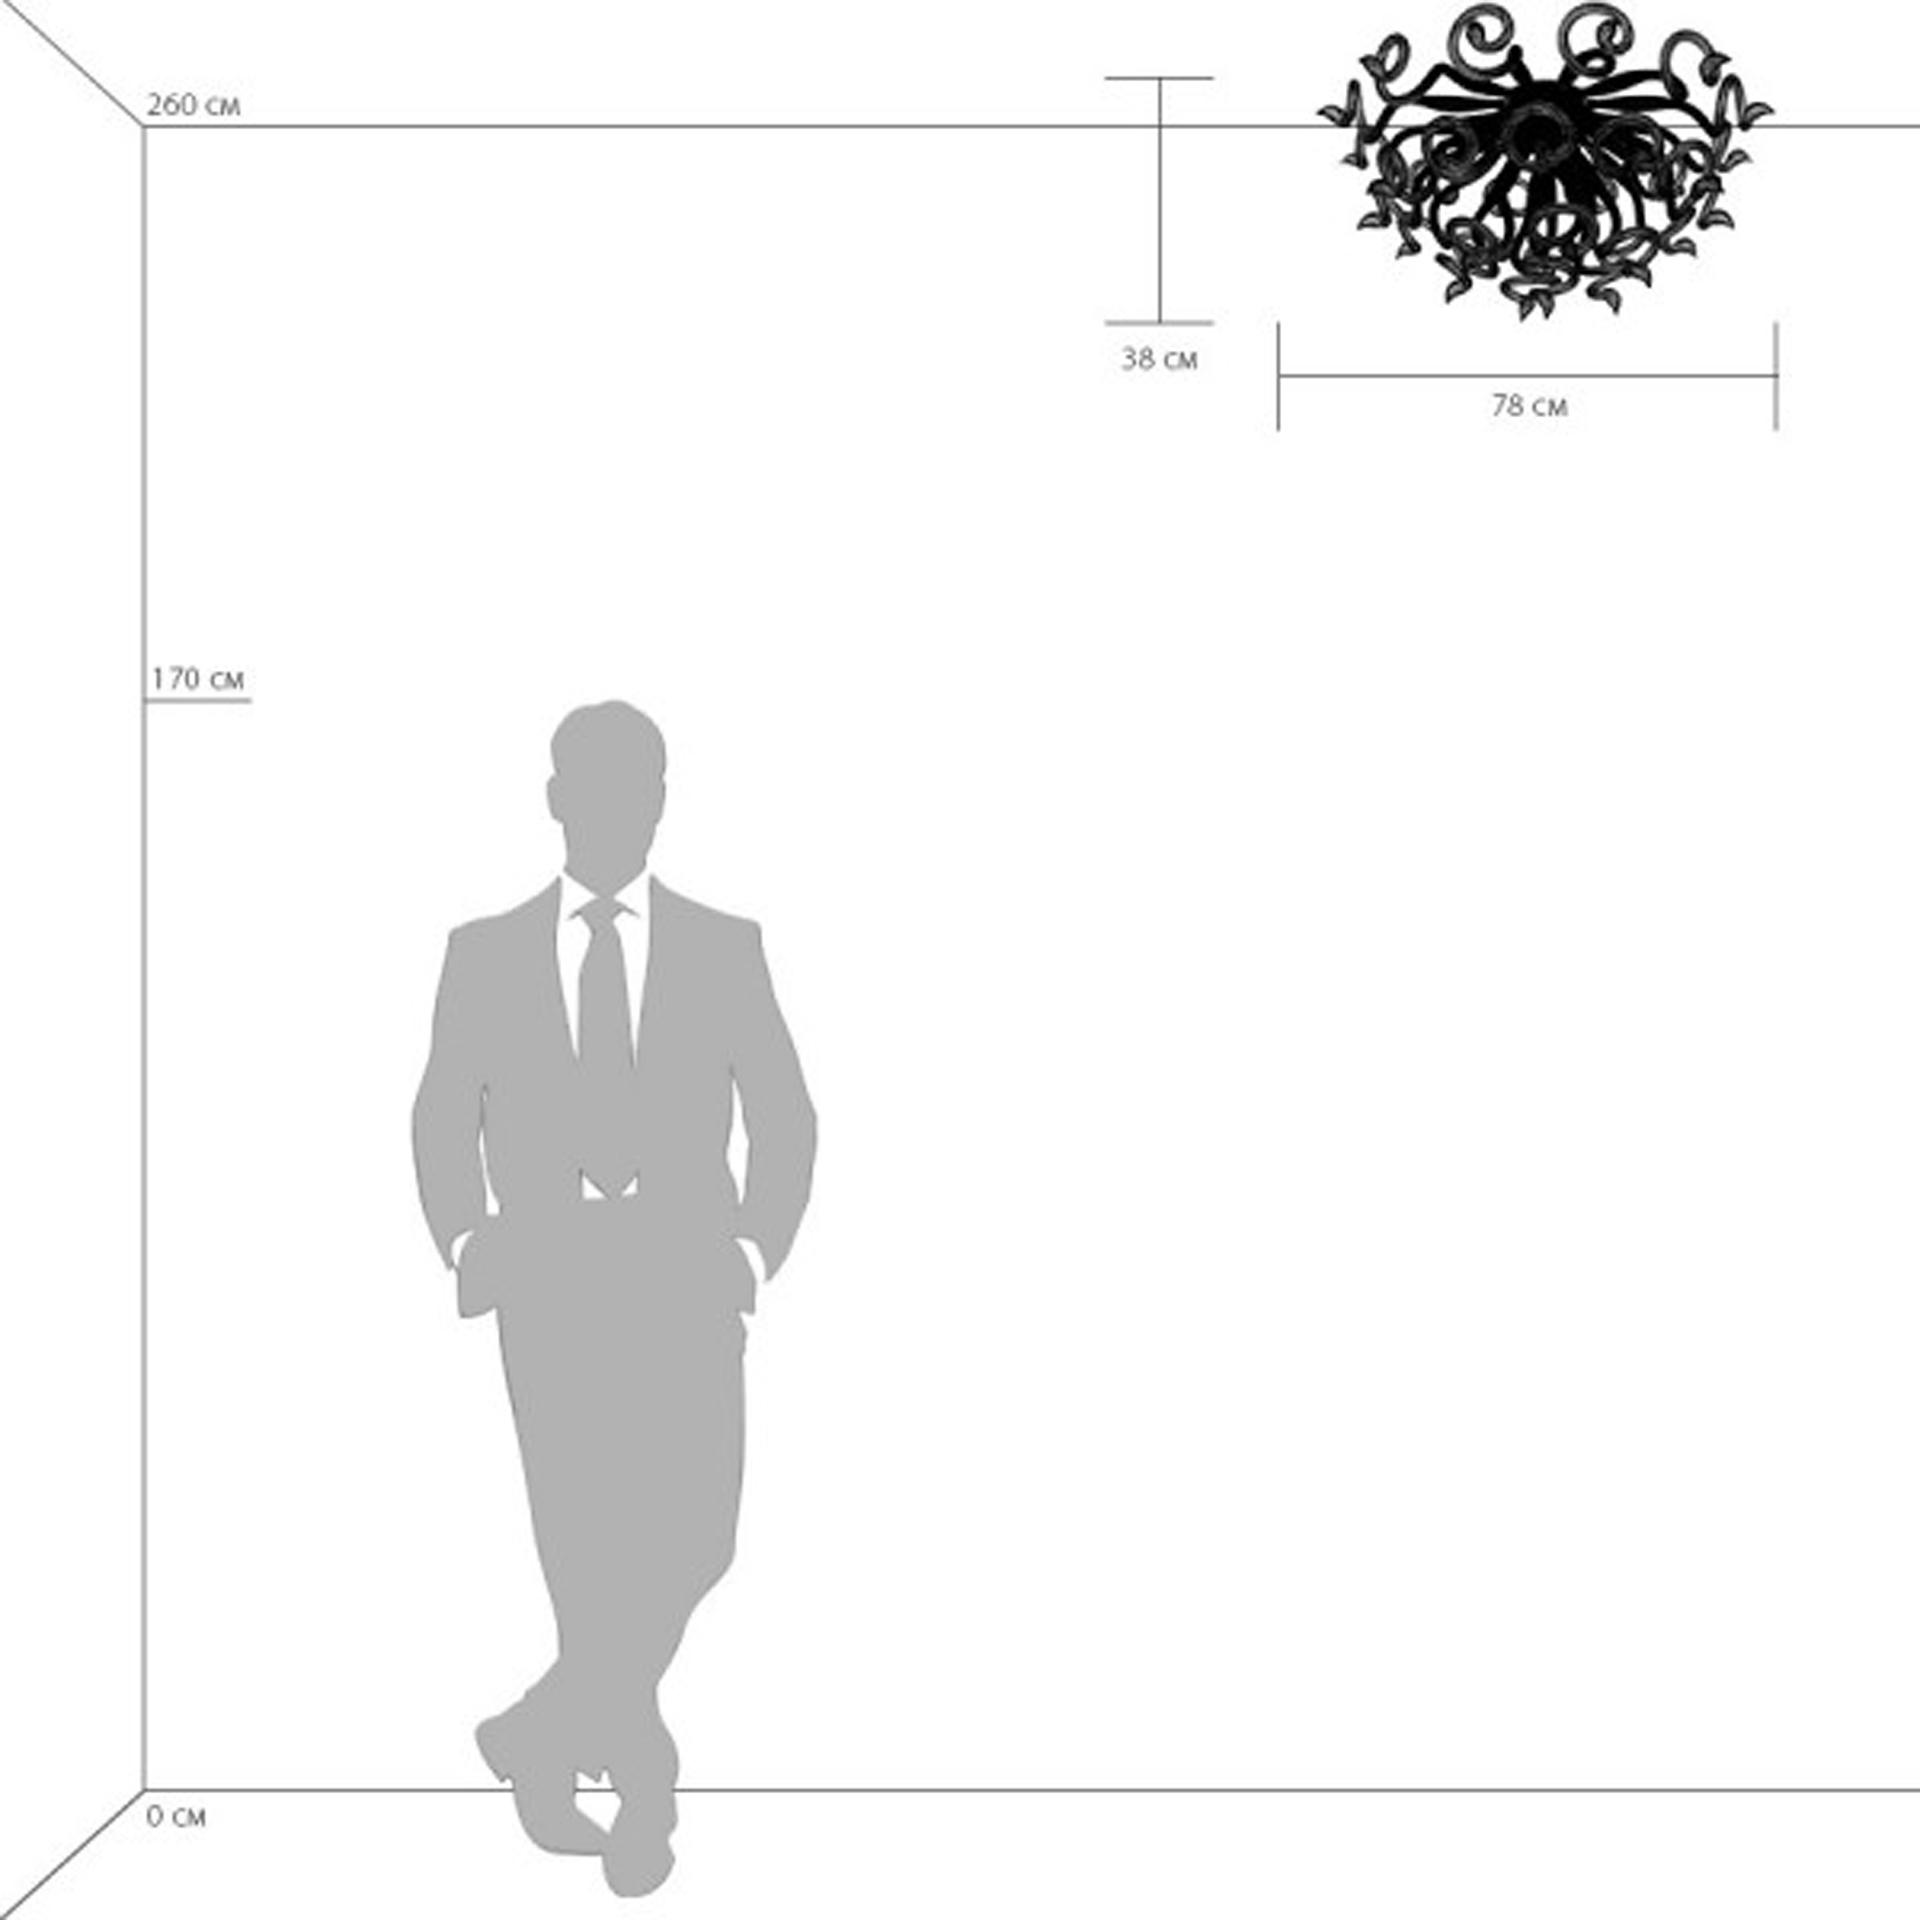 Люстра потолочная Lightstar Medusa 890090, купить в СПб, Москве, с доставкой, Санкт-Петербург, интернет-магазин люстр и светильников Starlight, фото в жизни